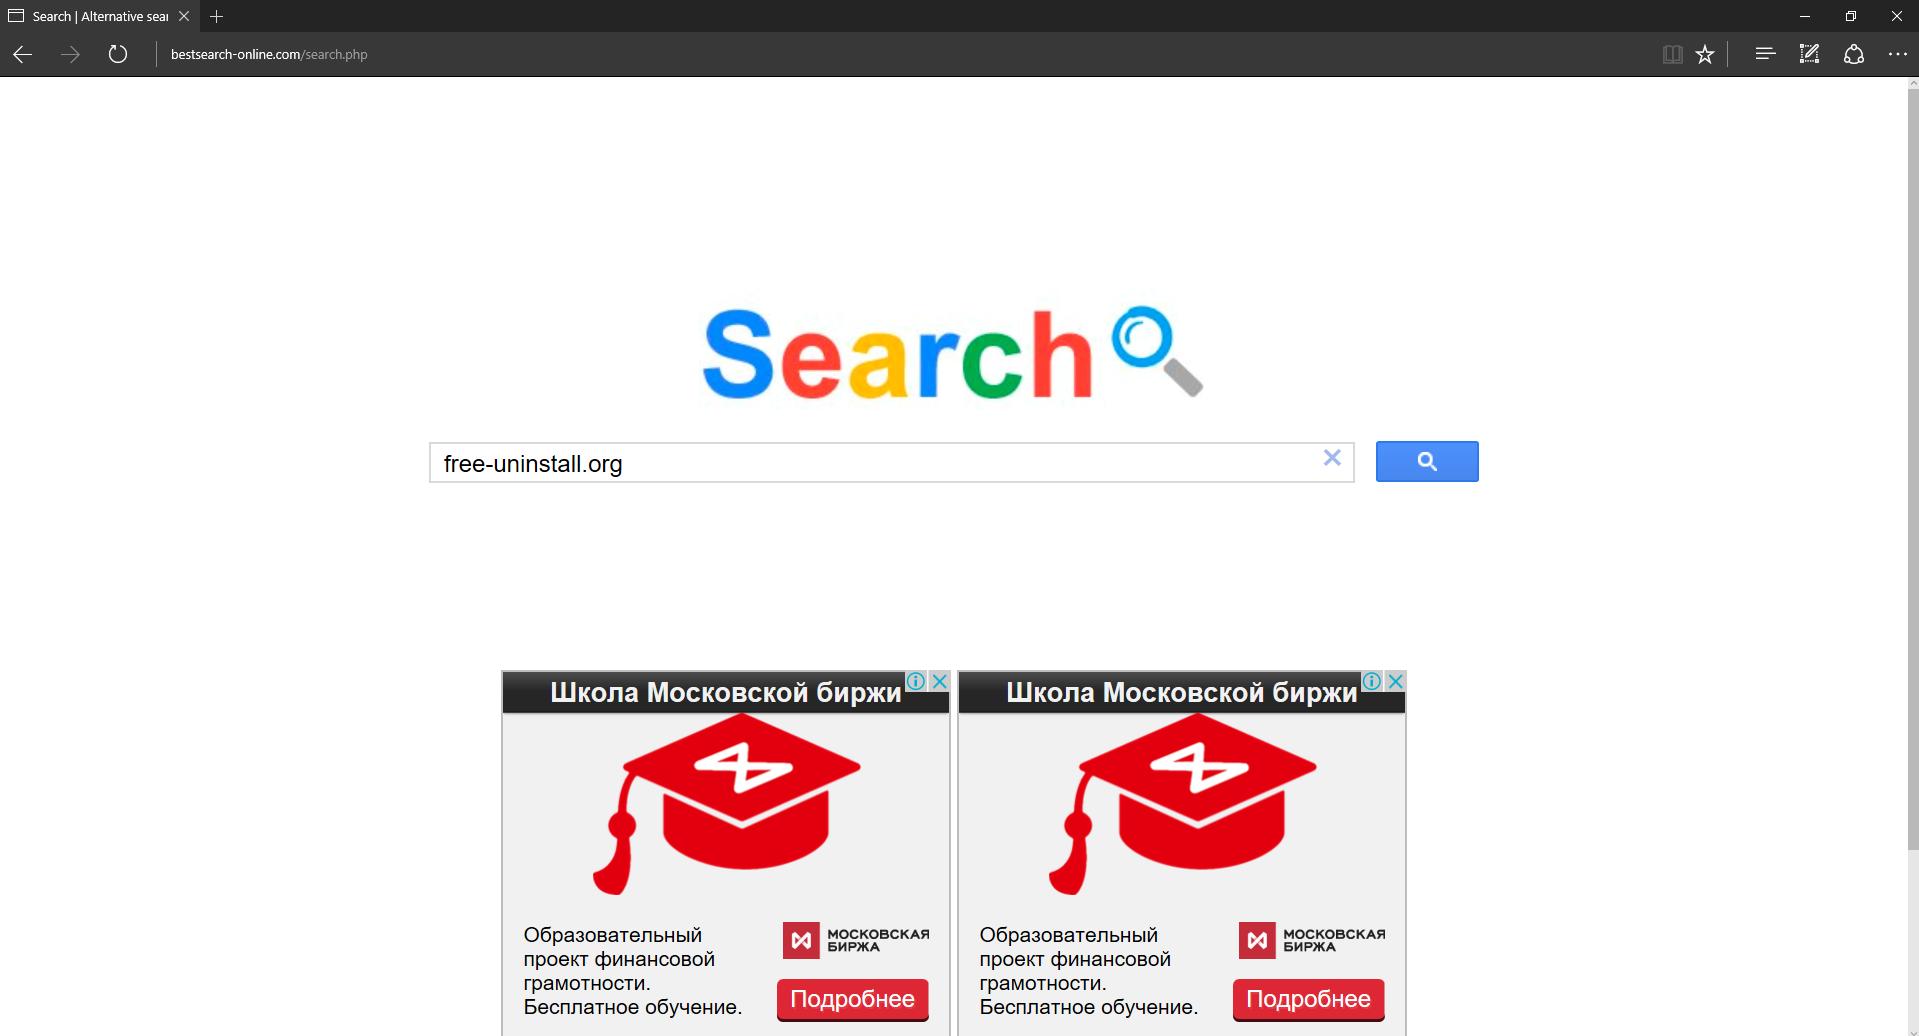 Bestsearch-online.com Hijacker